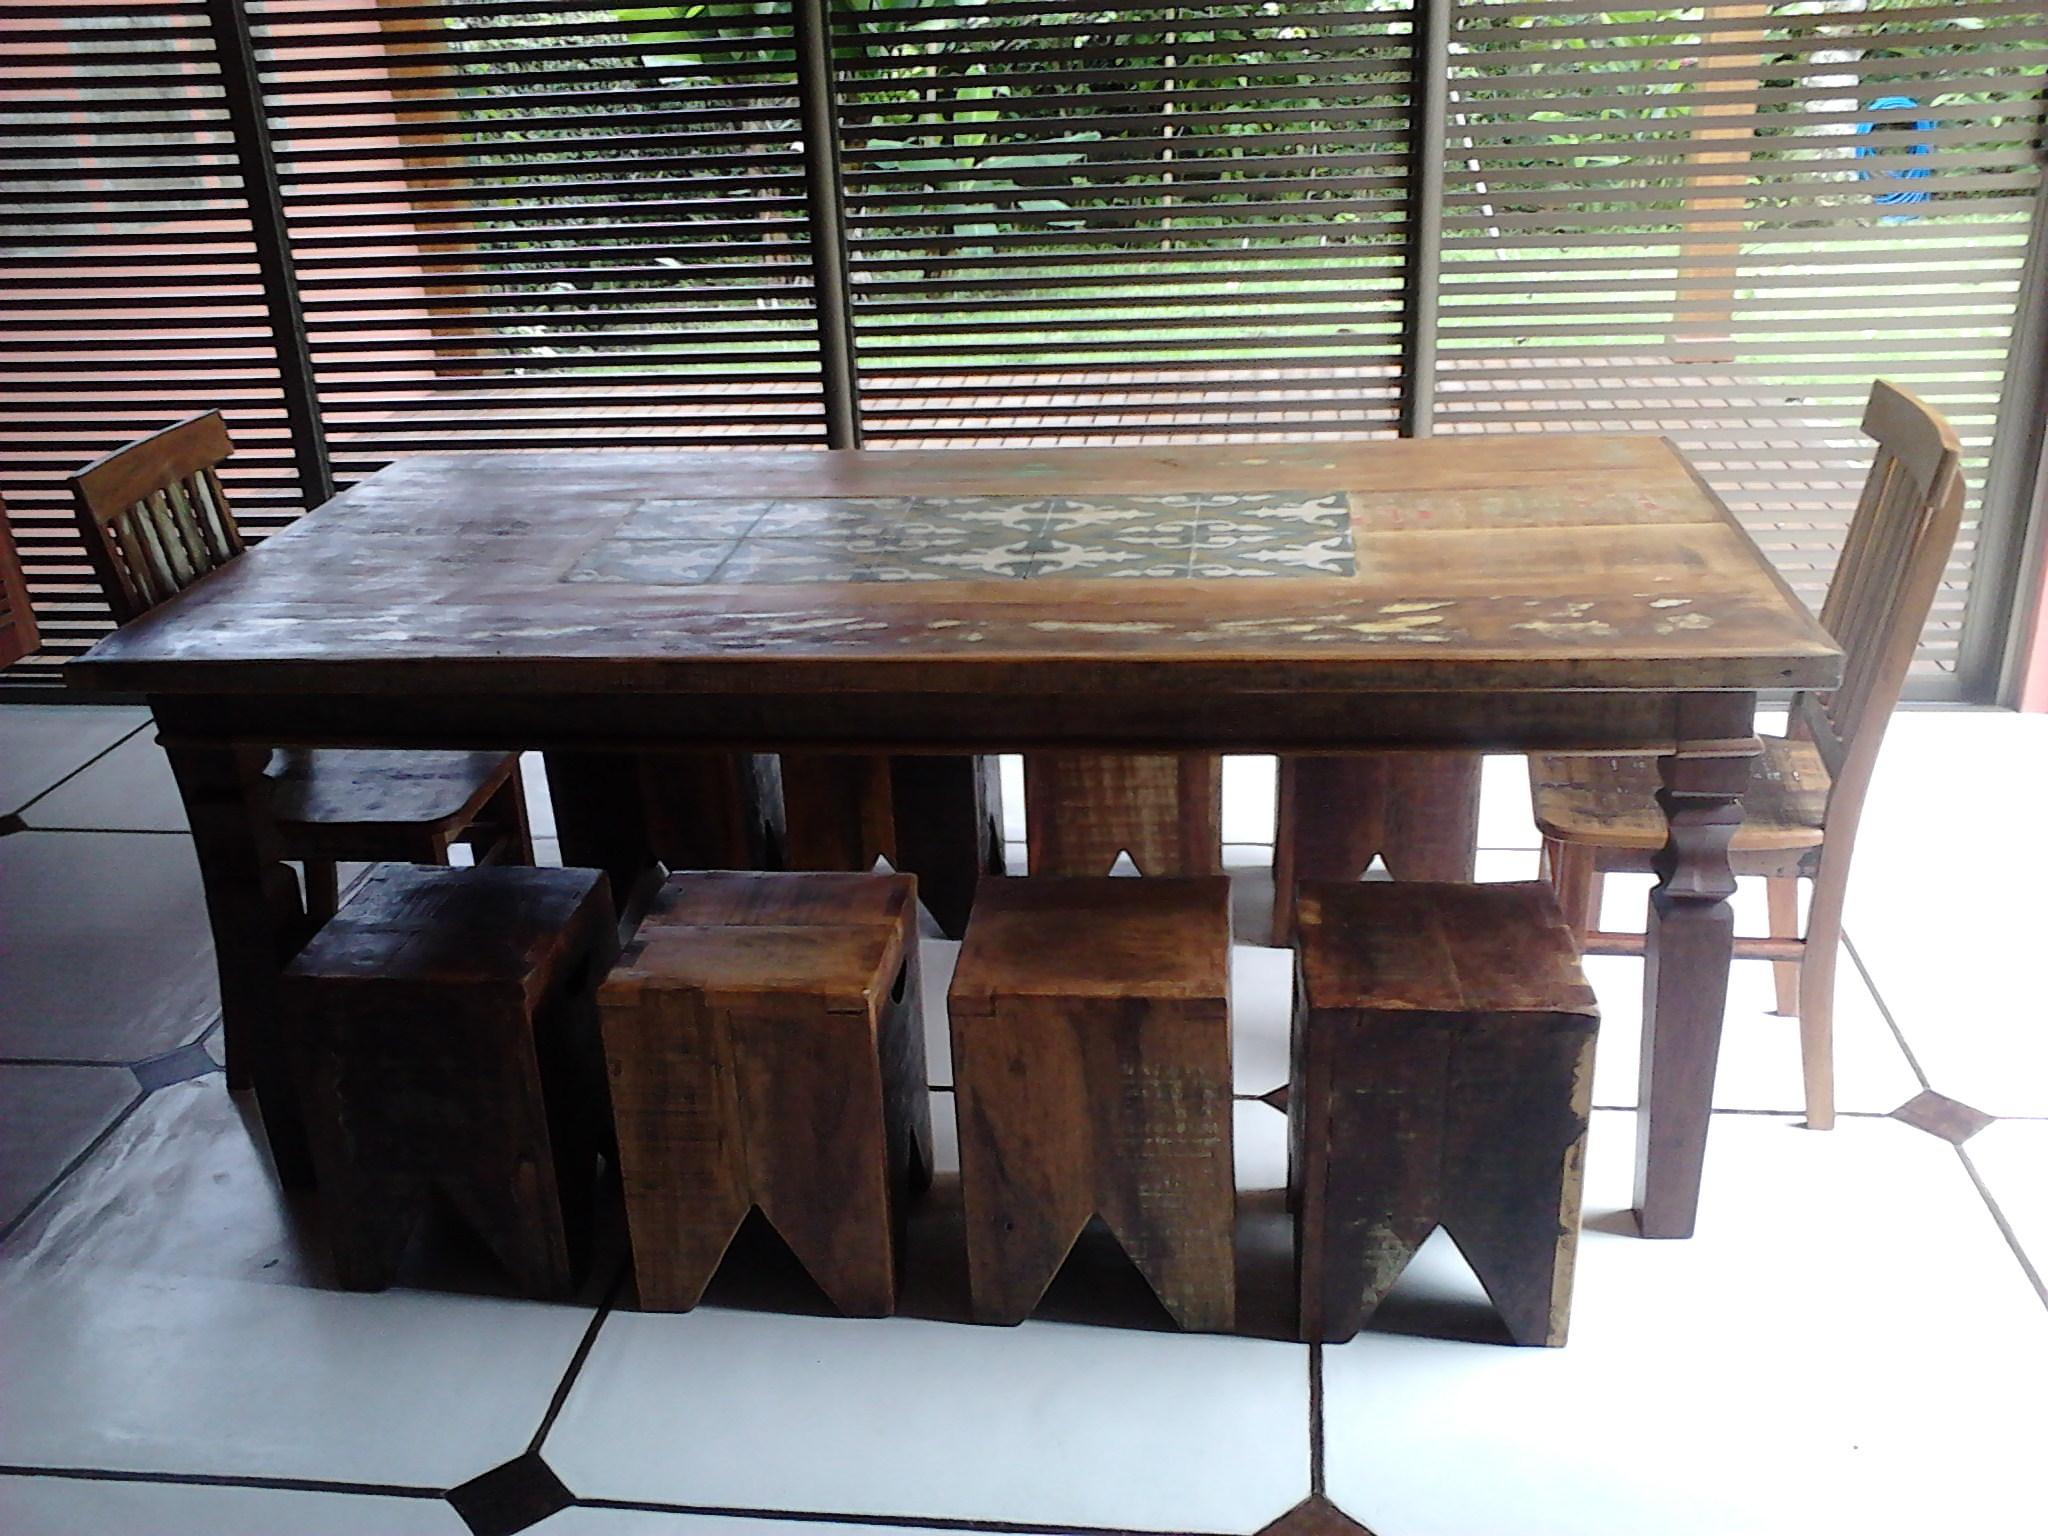 Mesa_de_Demolição_com_ladrinho_hidraulico,_caixotes_e_cadeiras_Mineira